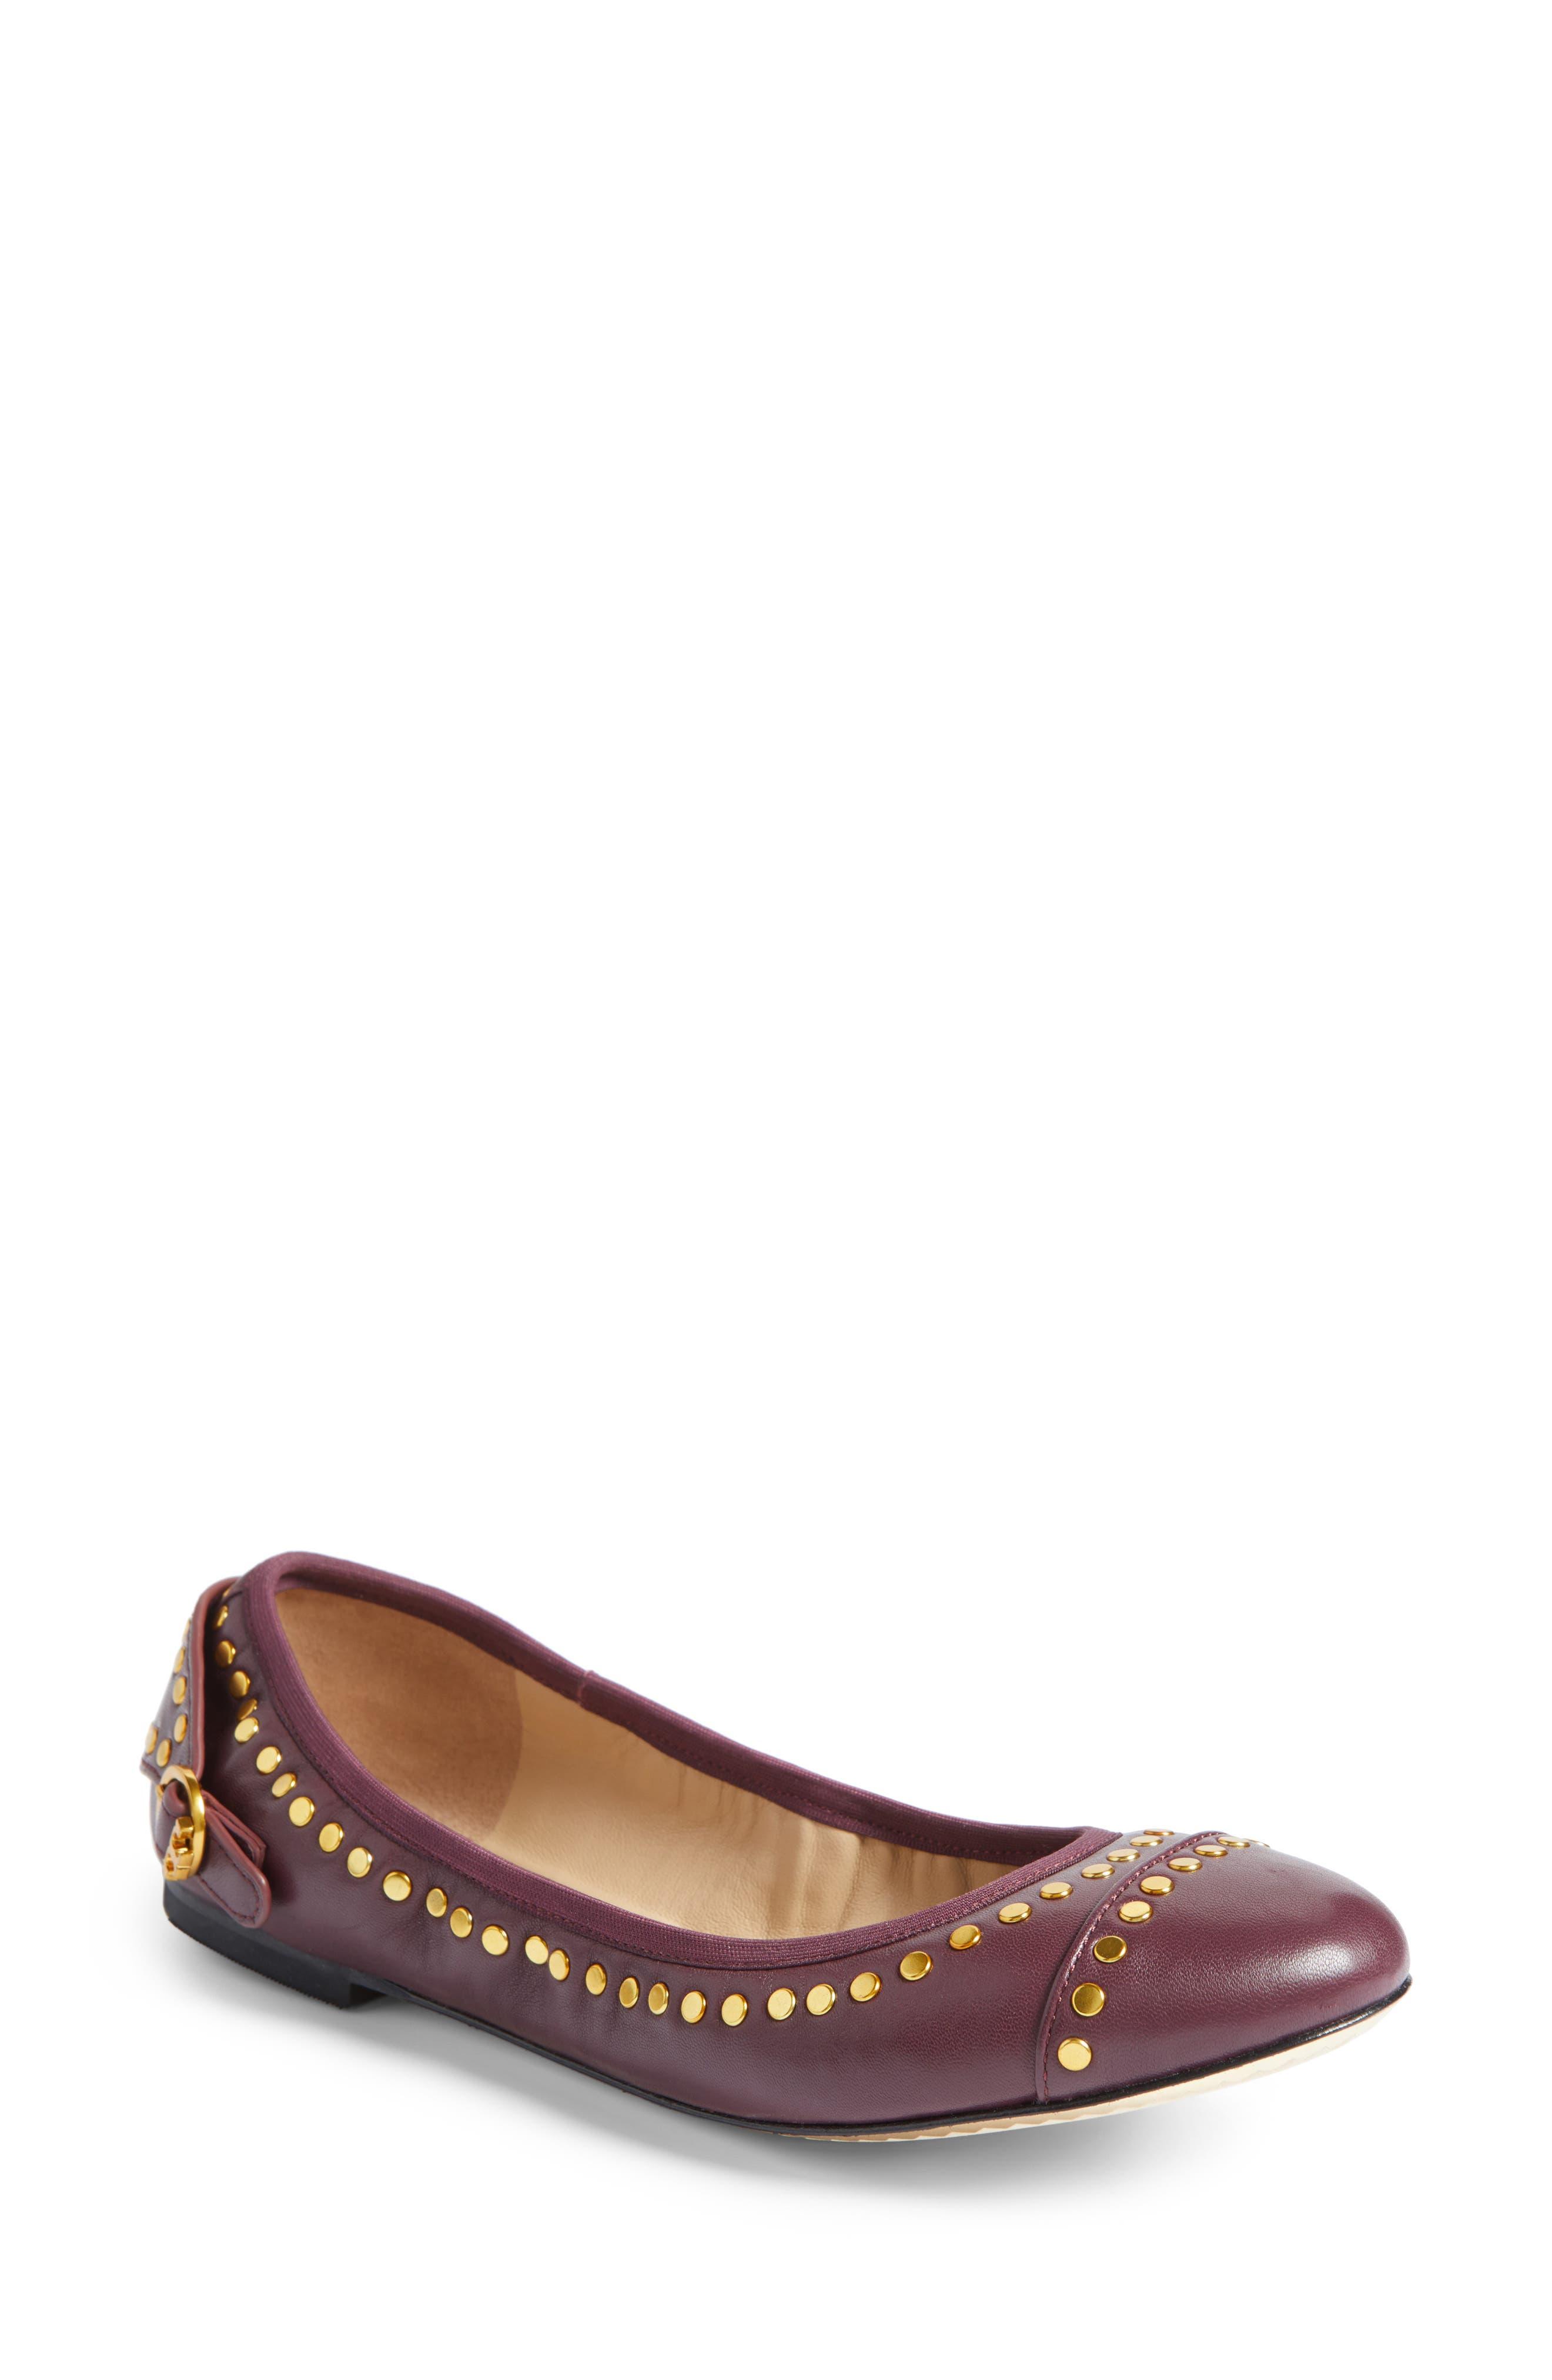 Tory Burch Holden Studded Cap Toe Flat (Women)